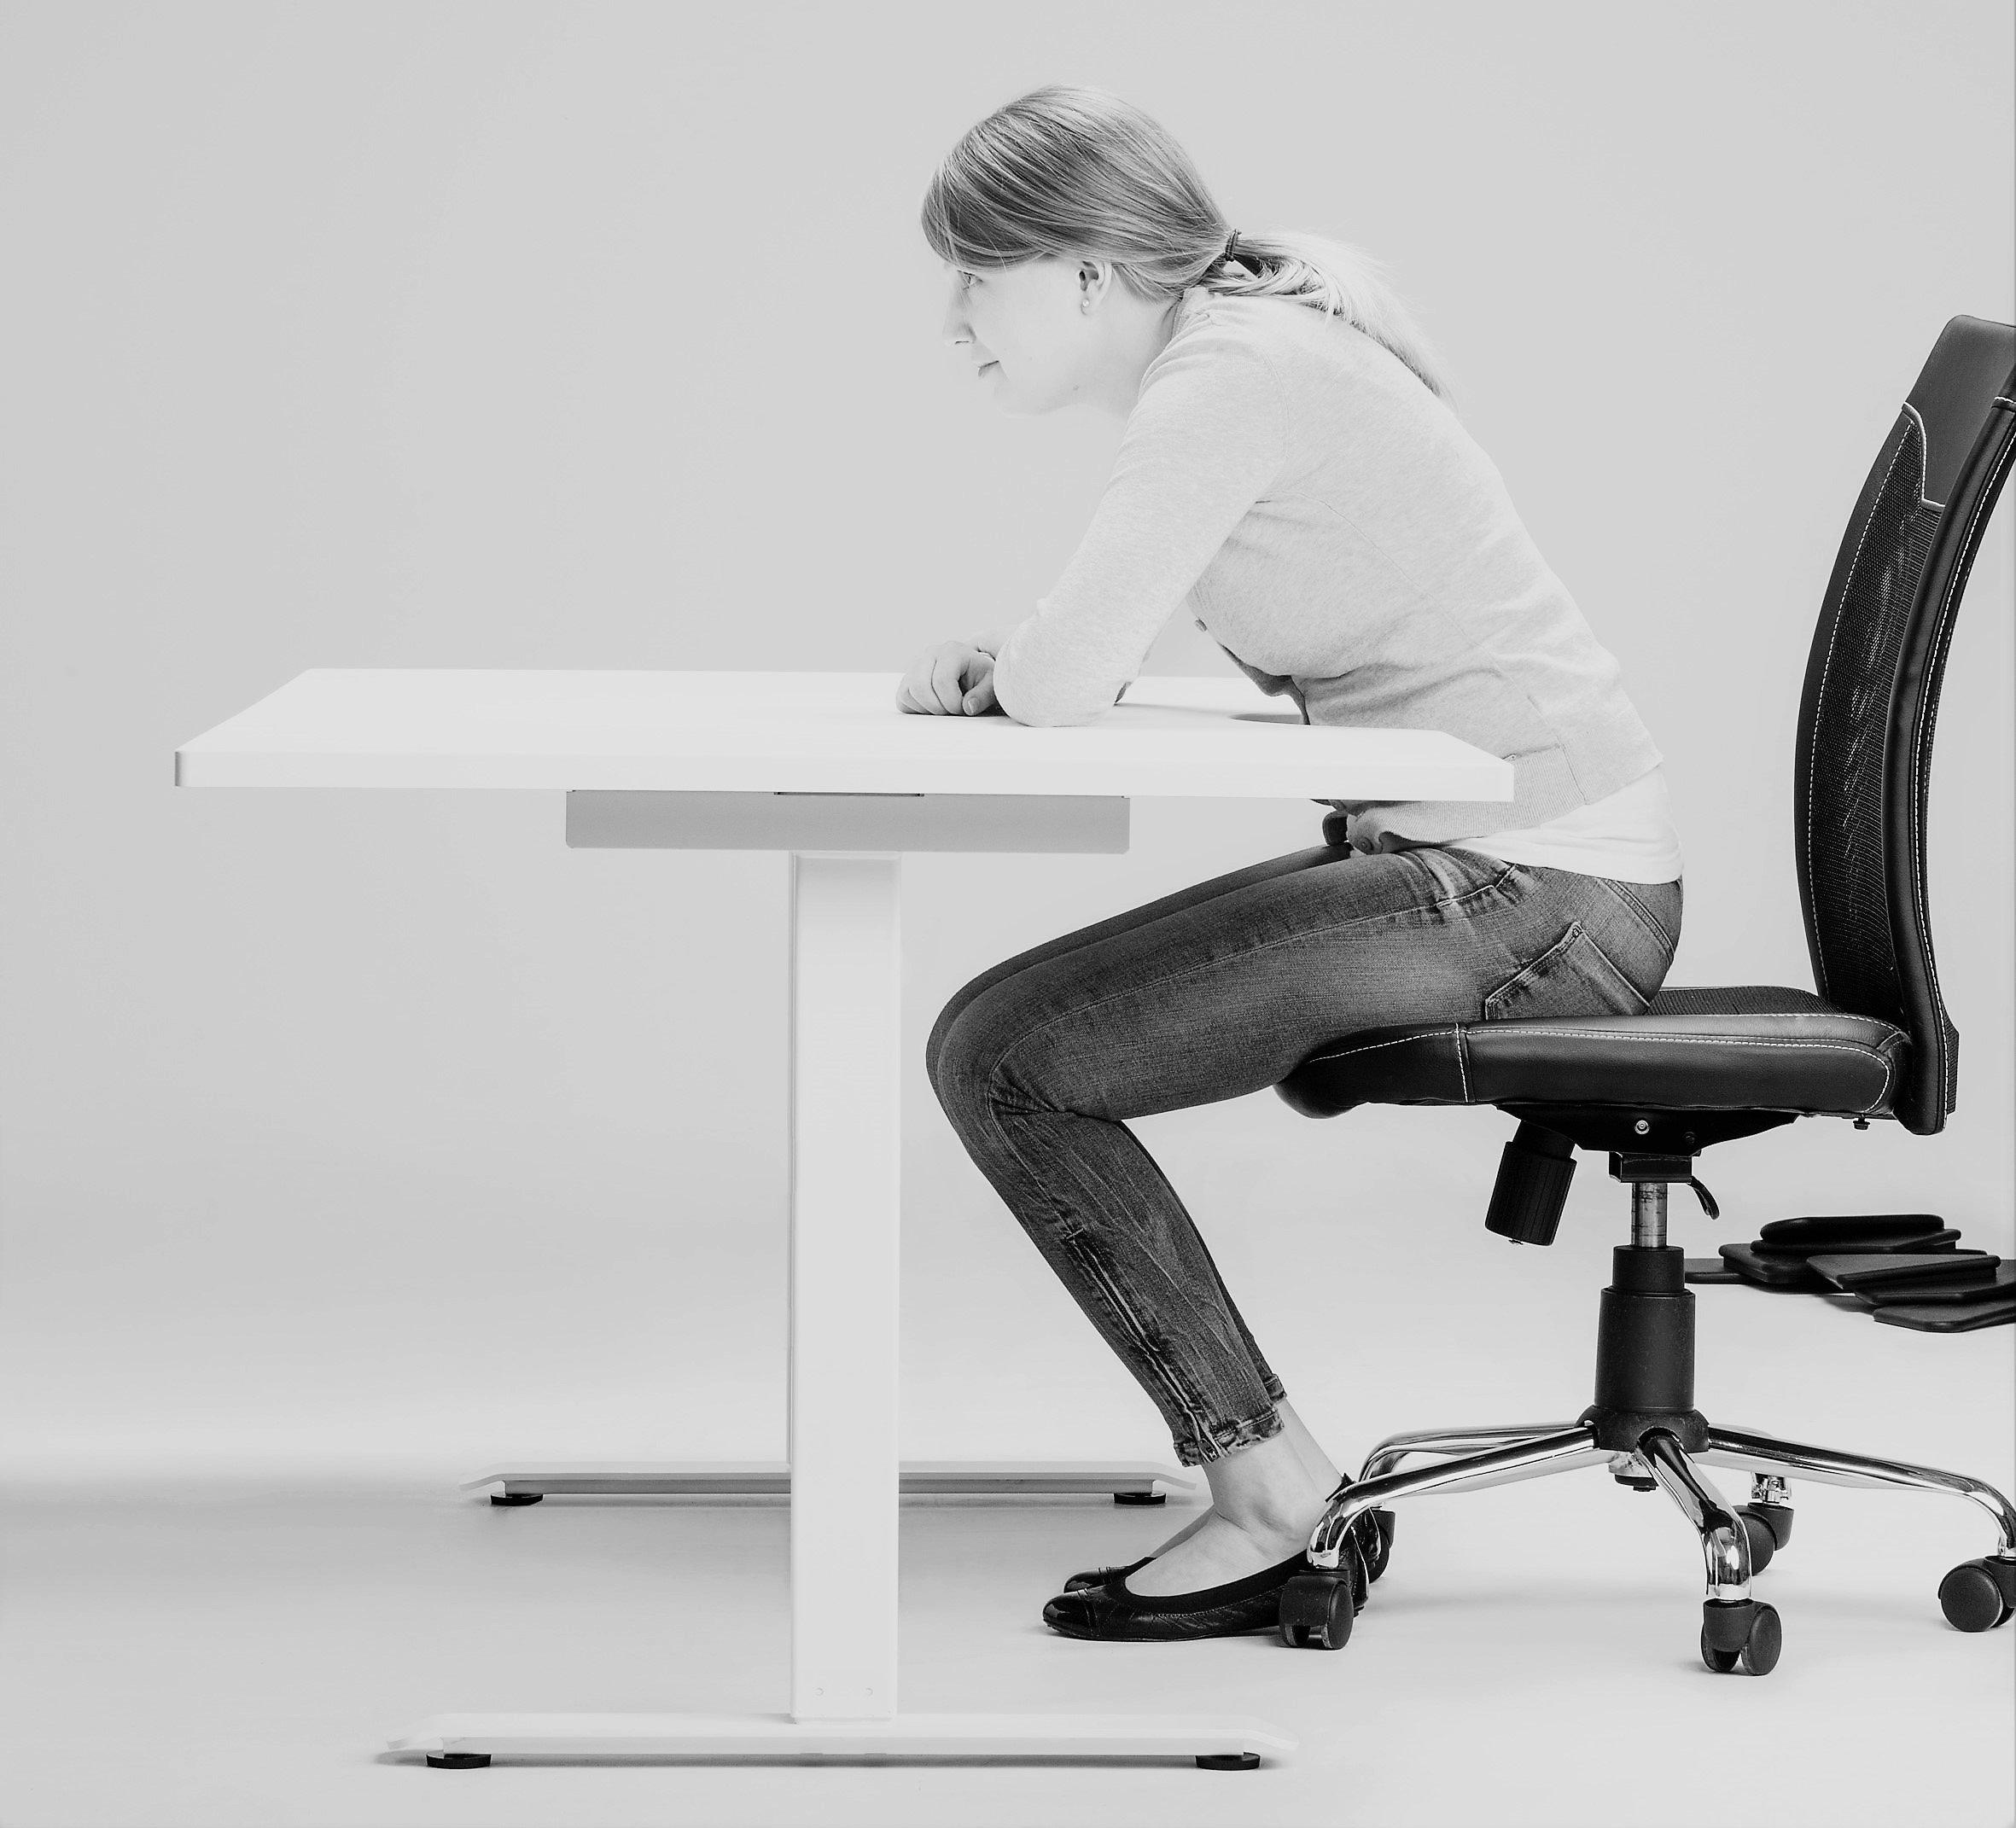 Selkäkipu istumisesta! Miten sitä voi ennaltaehkäistä ja hoitaa?